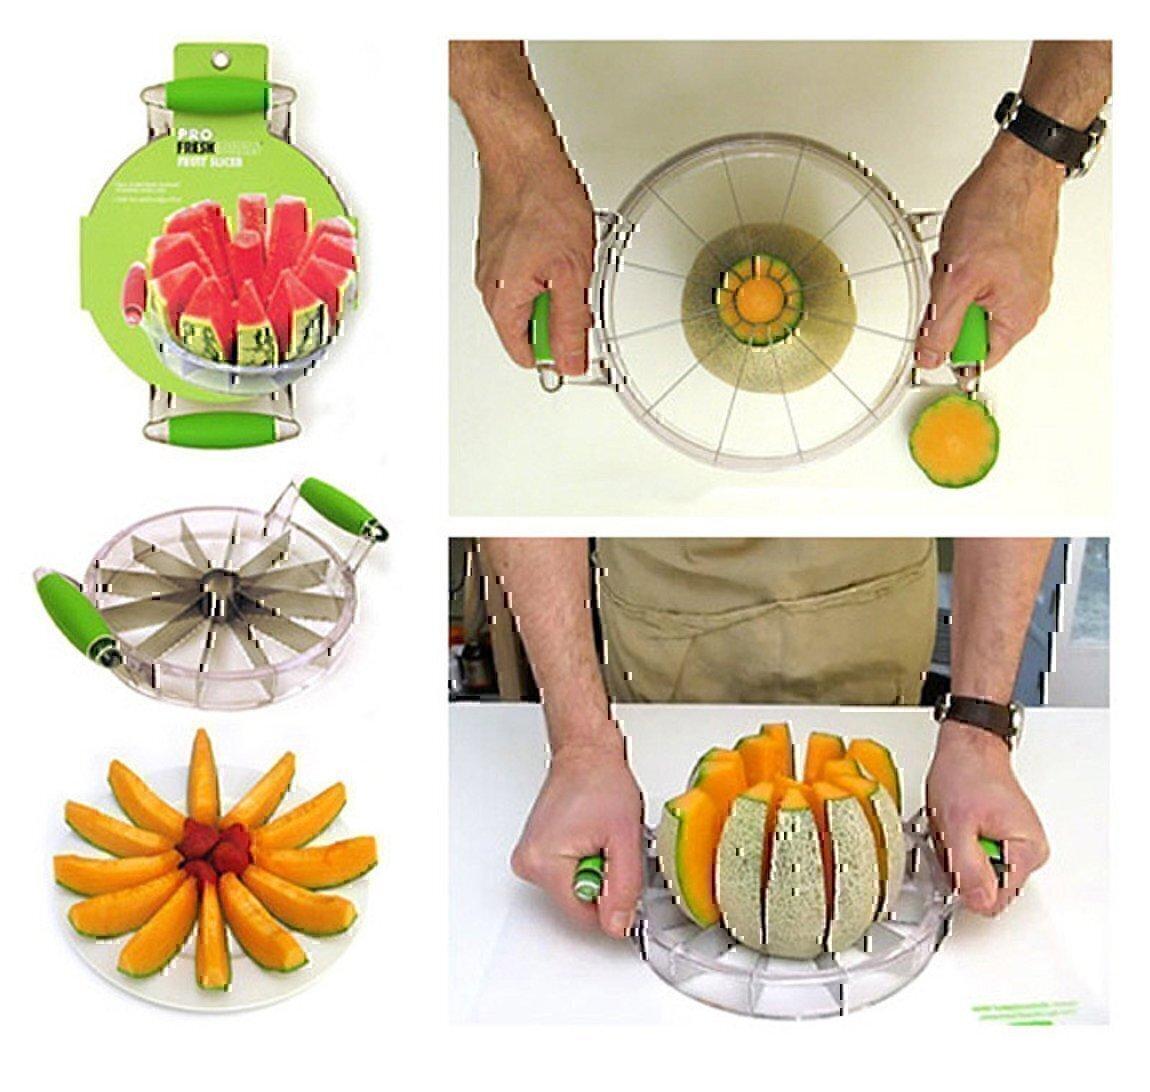 Как сделать прикольную штуку своими руками